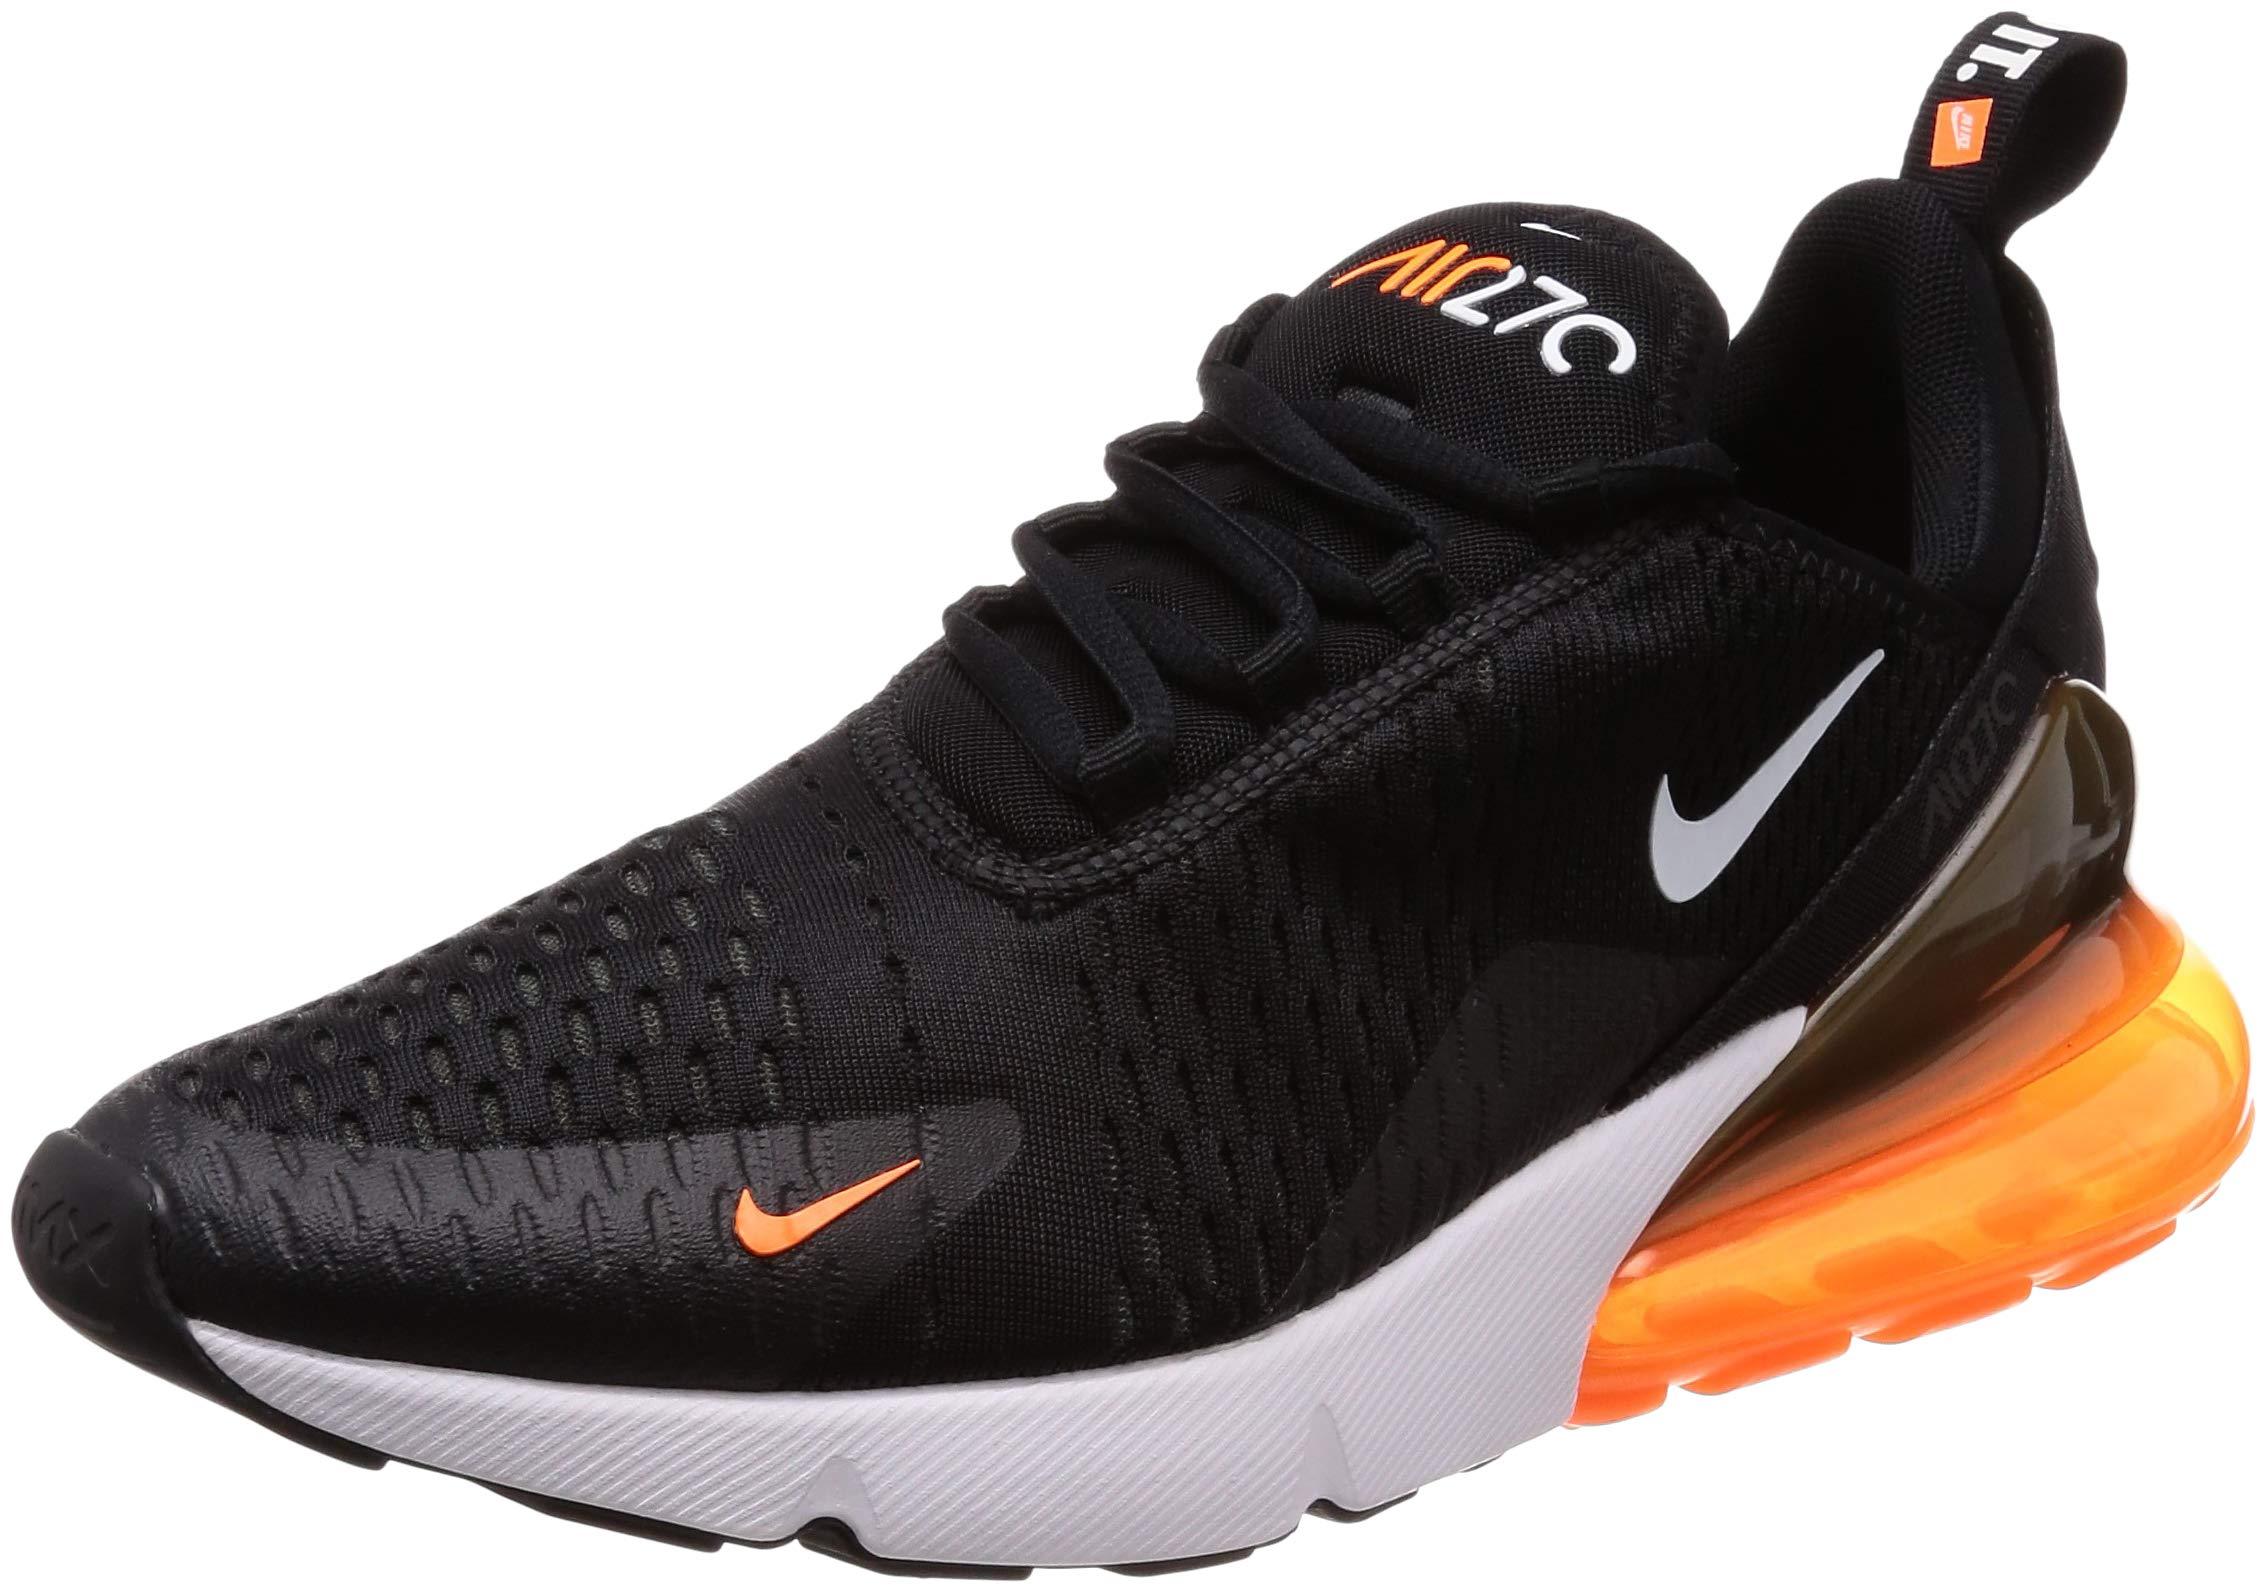 06c14e9a05 Galleon - Nike Air Max 270 Mens Ah8050-014 Size 10